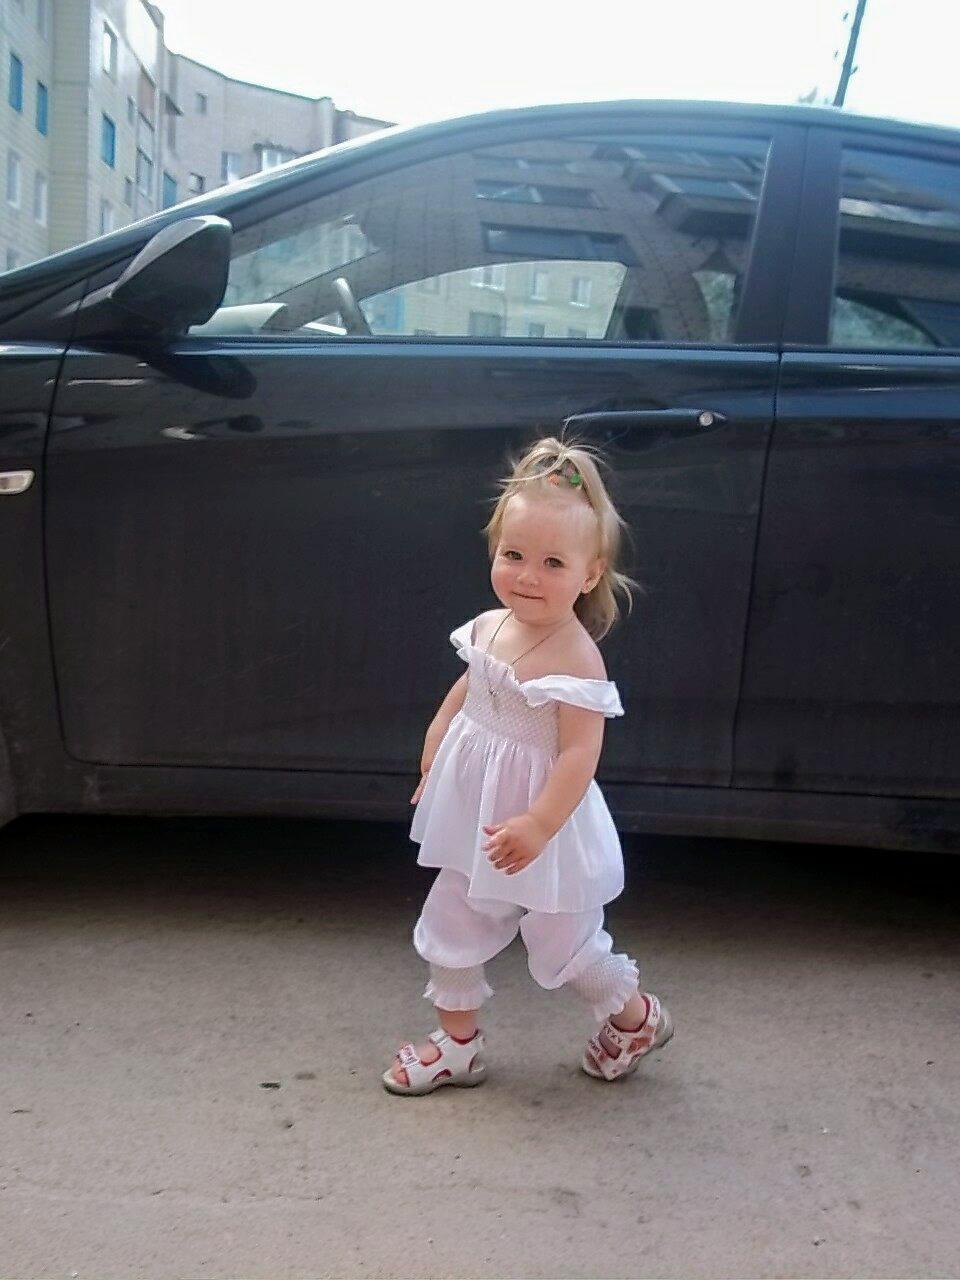 Амирочка - в белом ). Само очарование